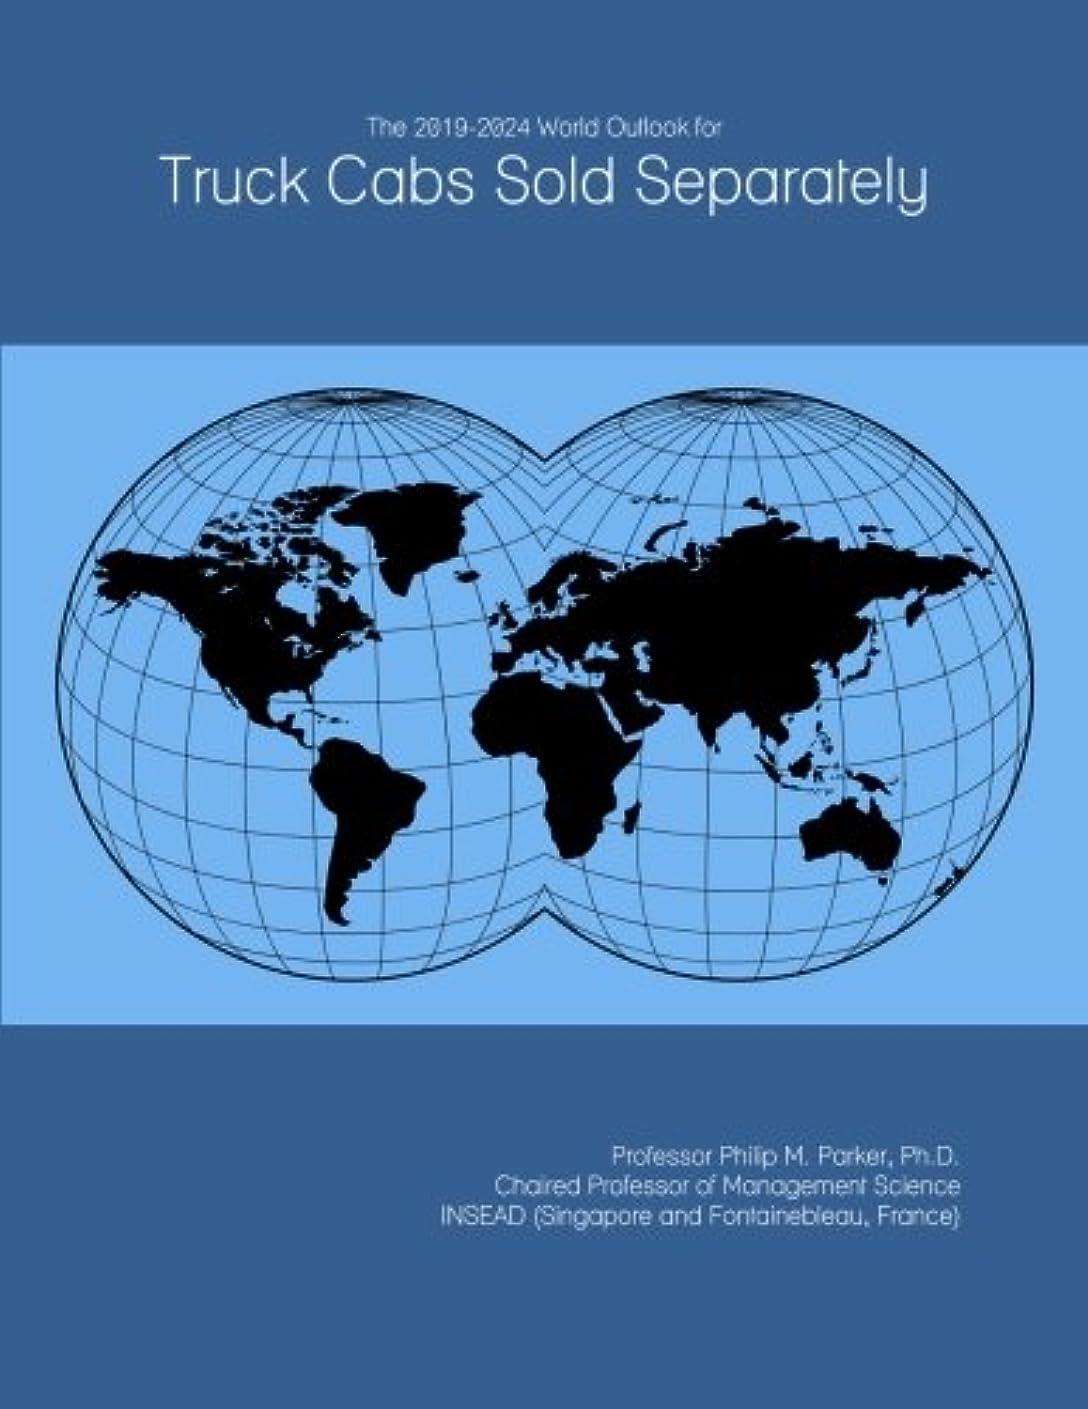 フレキシブルビタミン試すThe 2019-2024 World Outlook for Truck Cabs Sold Separately